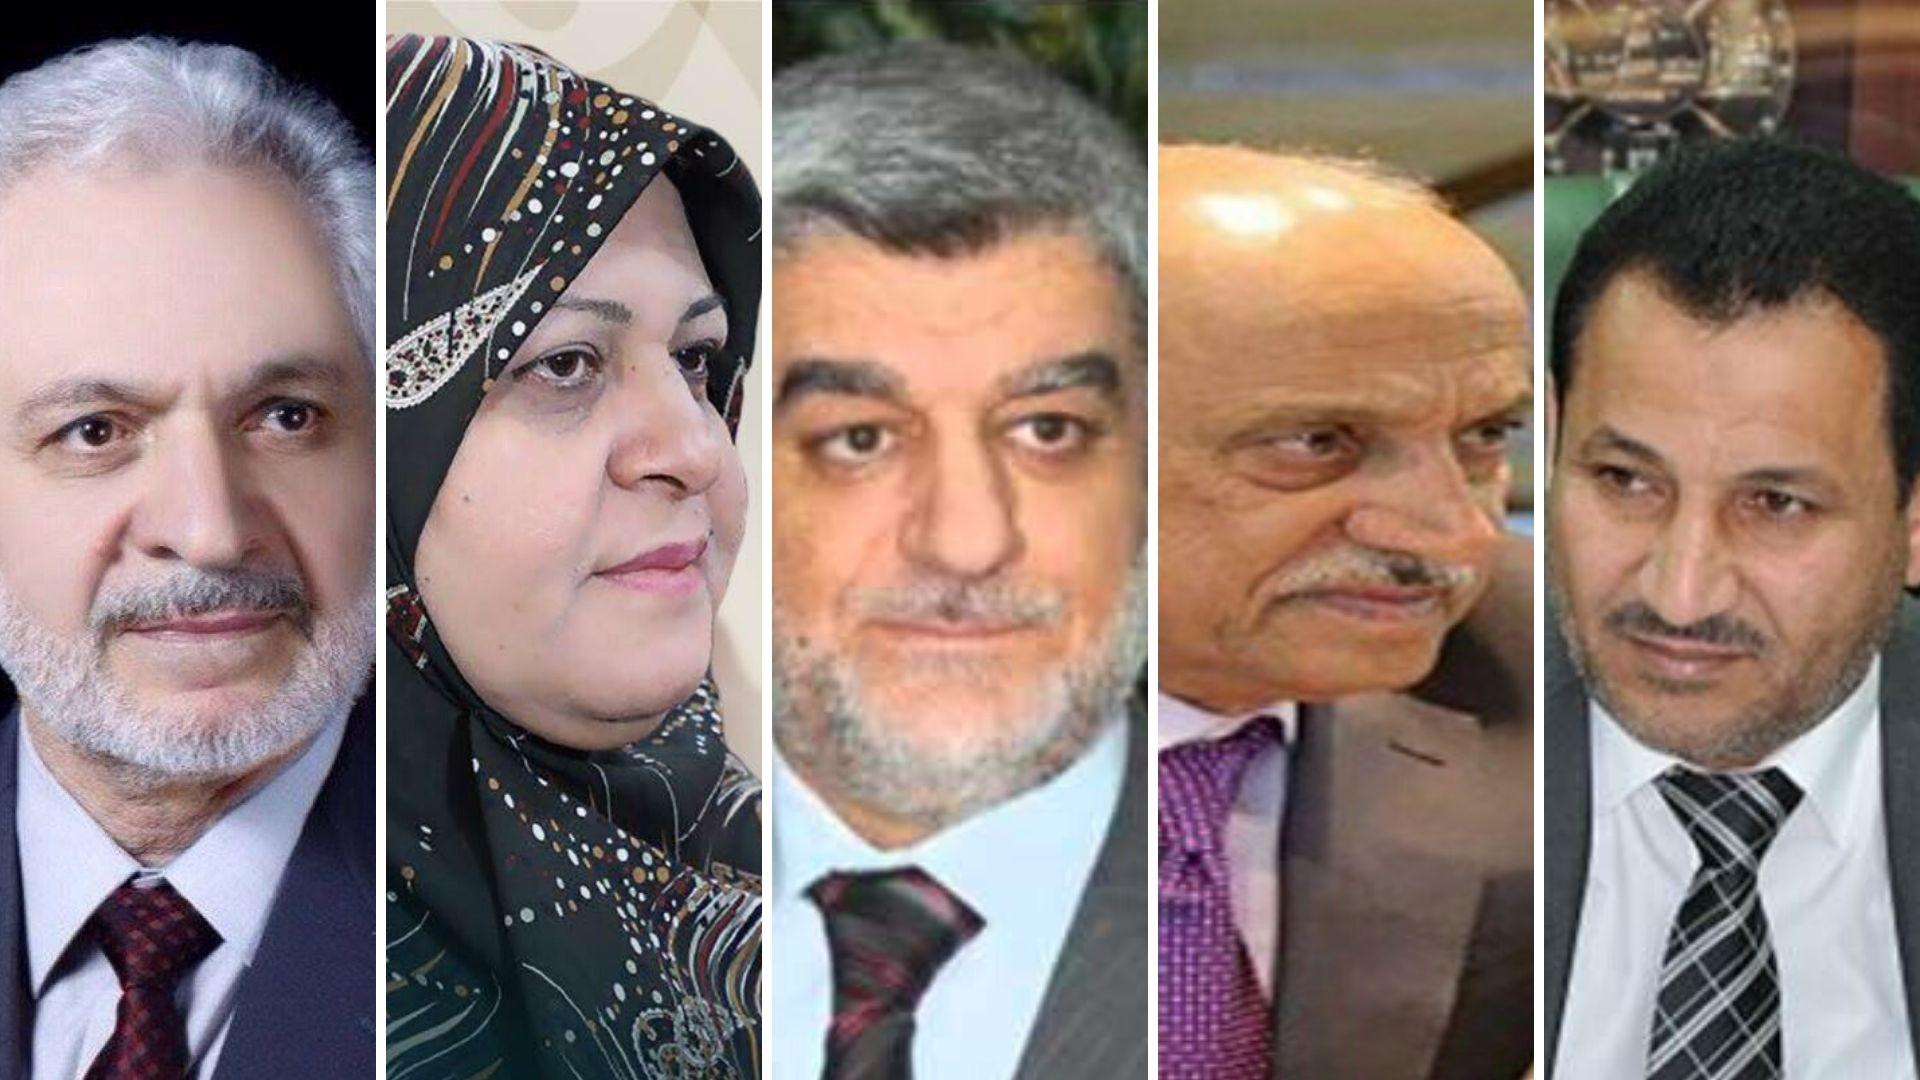 صدور أوامر استقدام بحق خمسة وزراء سابقين